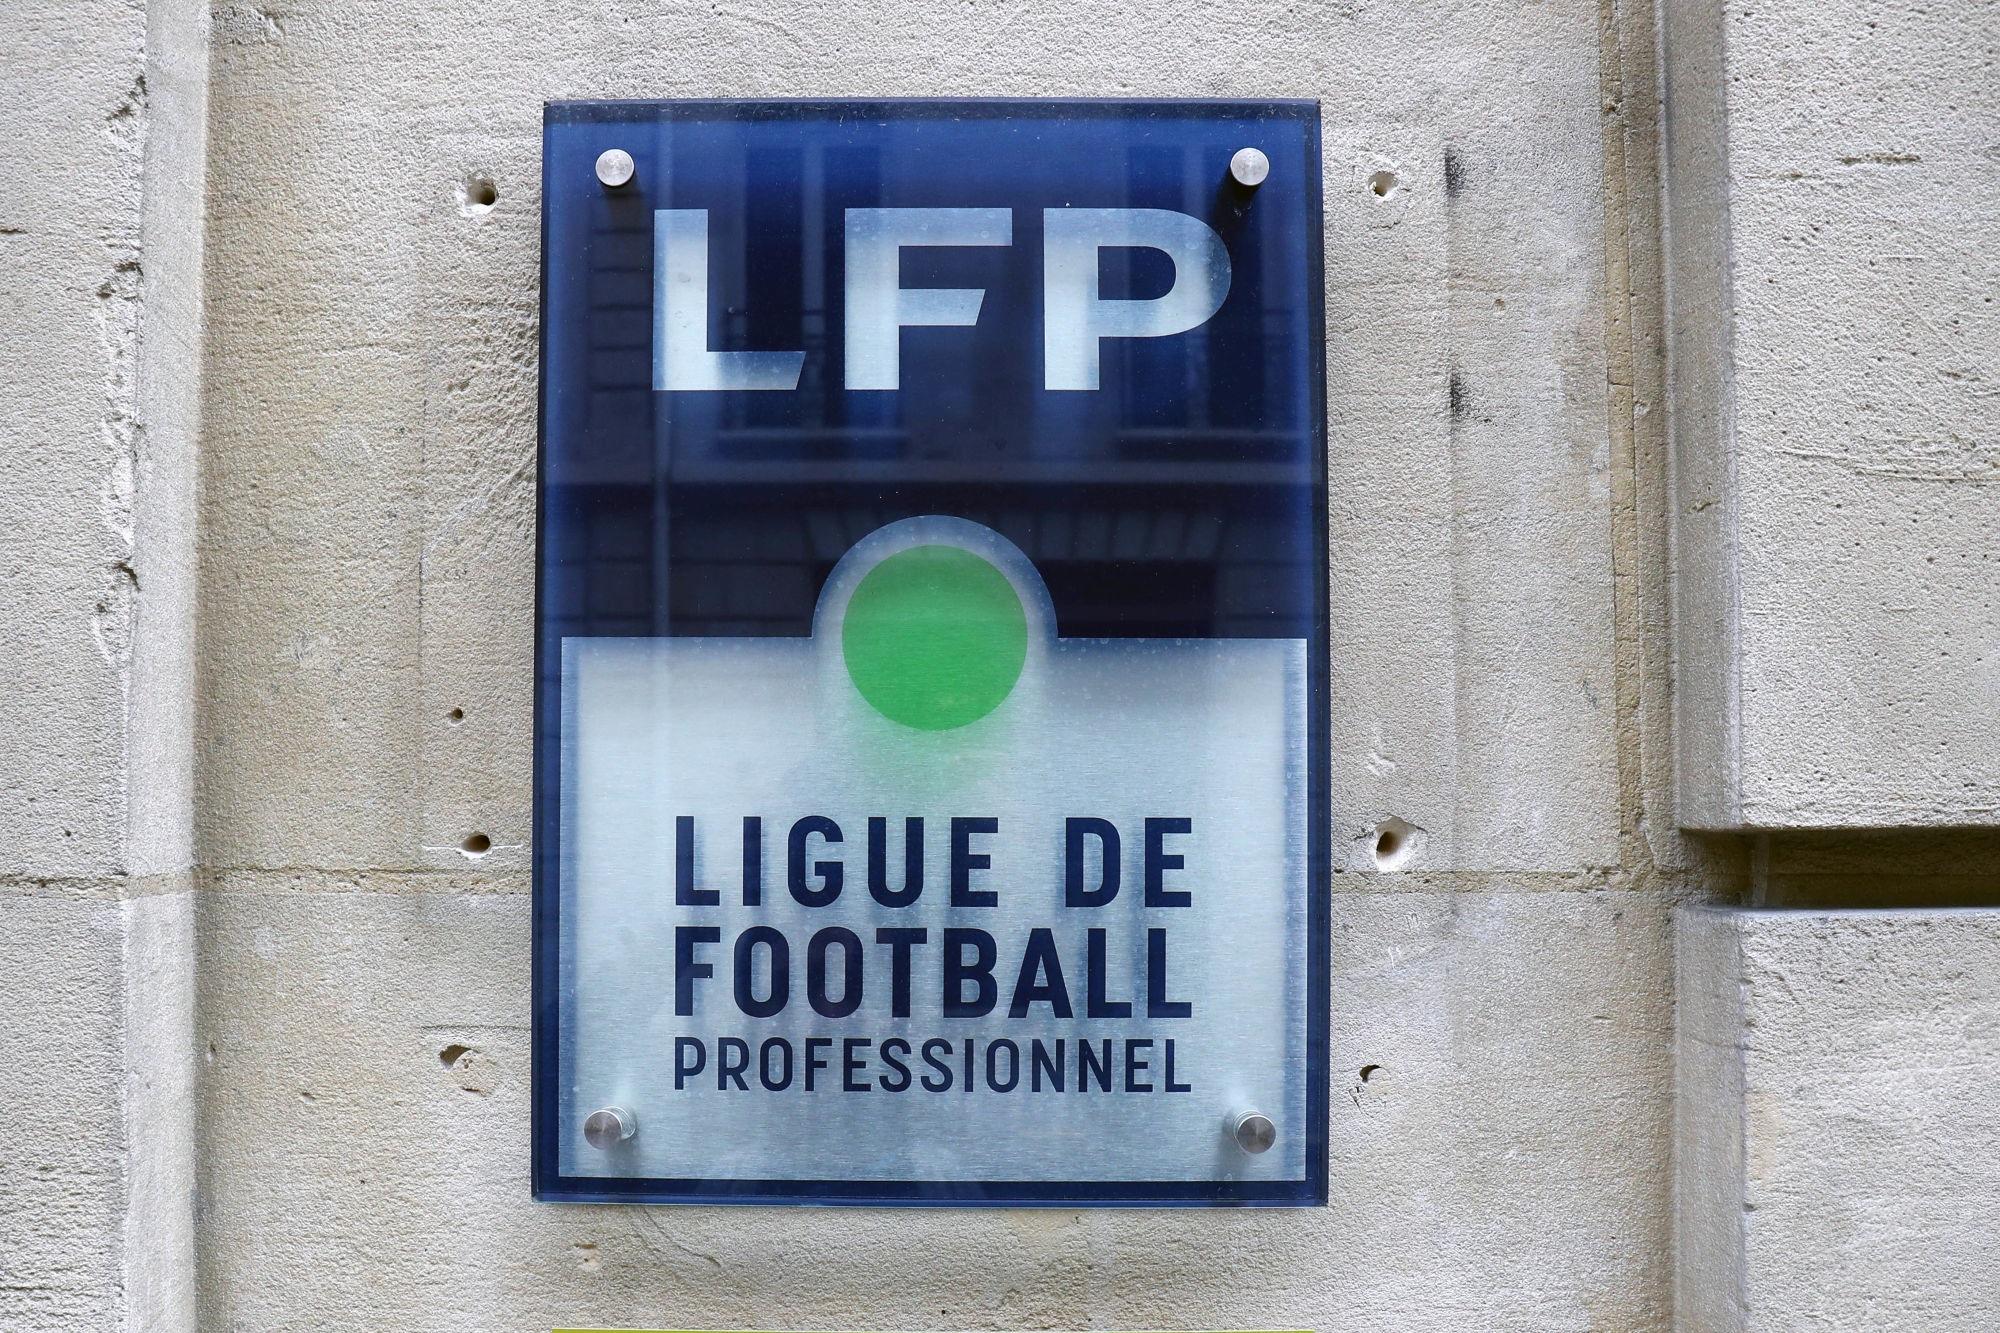 Ligue 1 - La justice a débouté Canal+ et beIN SPORTS face à la LFP